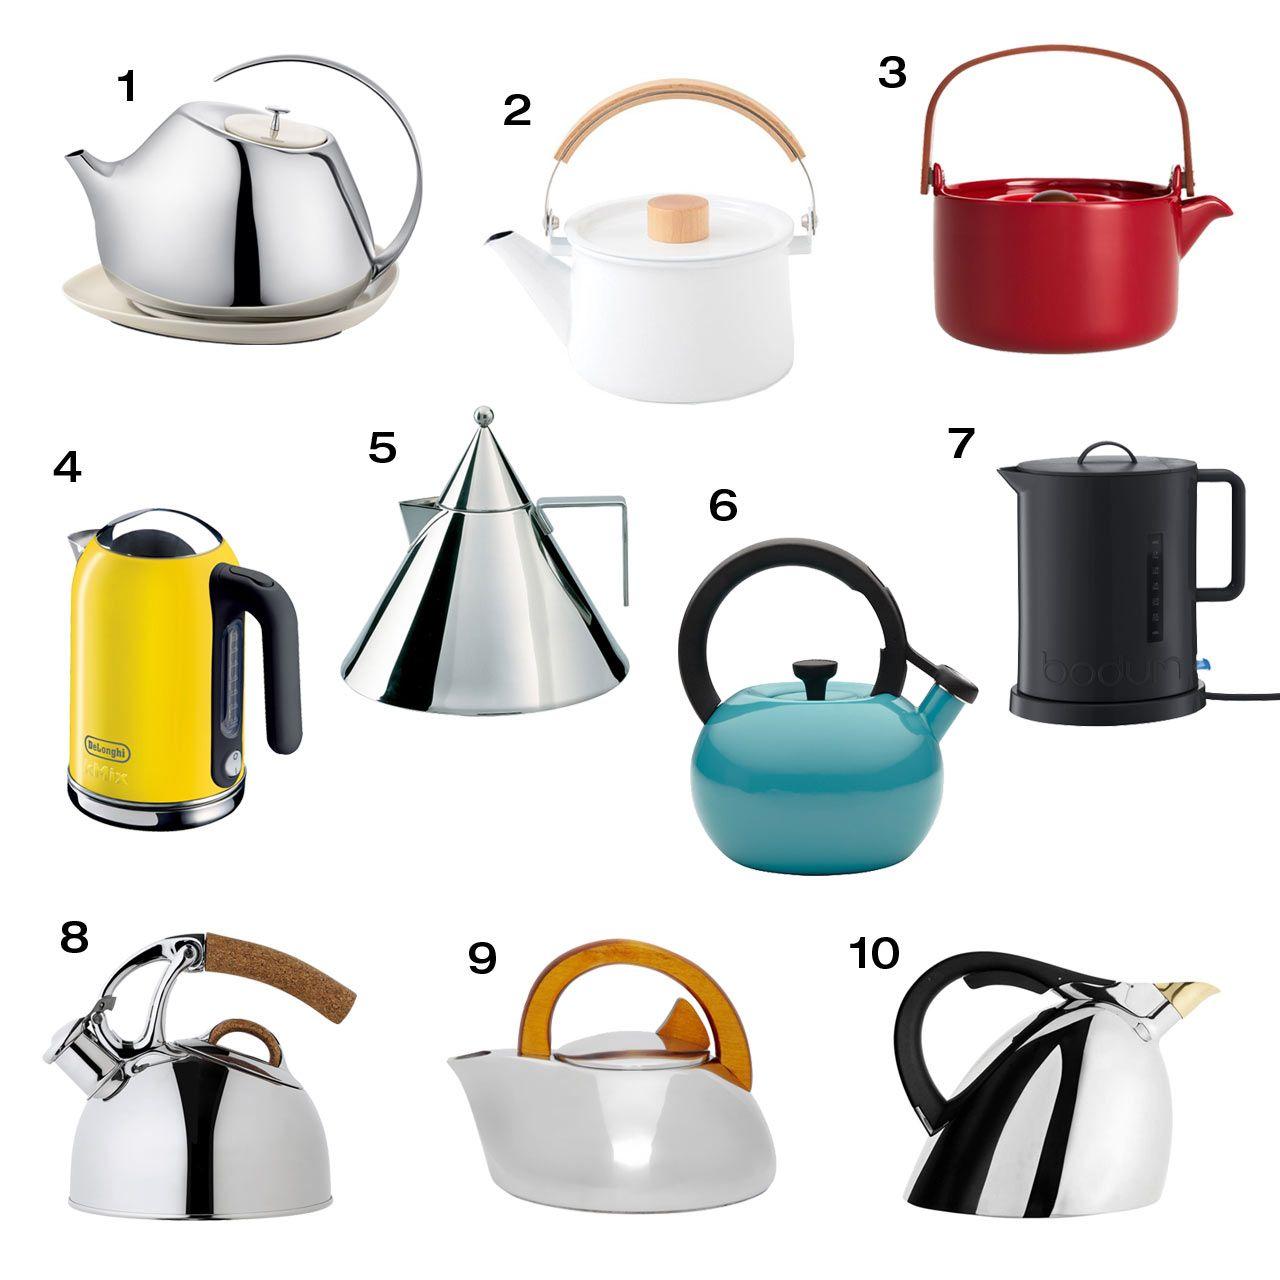 10 Modern Tea Kettles Teapots Modern Kettles Teapot Design Tea Kettle